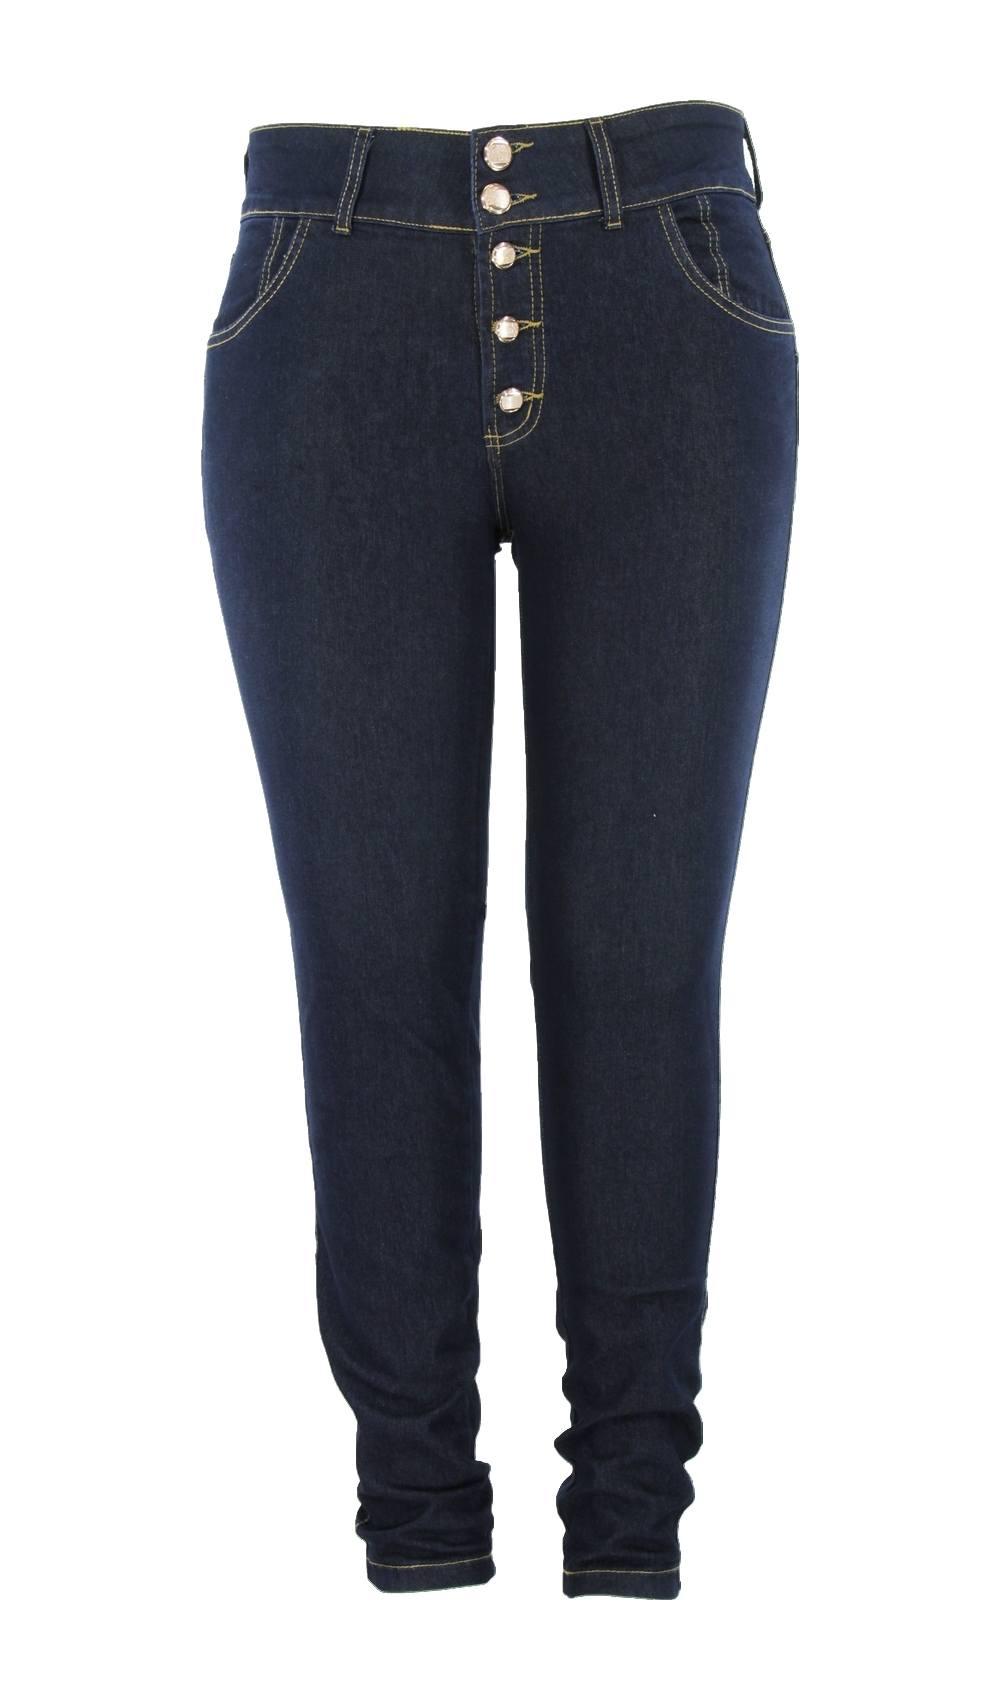 Calça Skinny Eruption Jeans ref. 5611AMOC